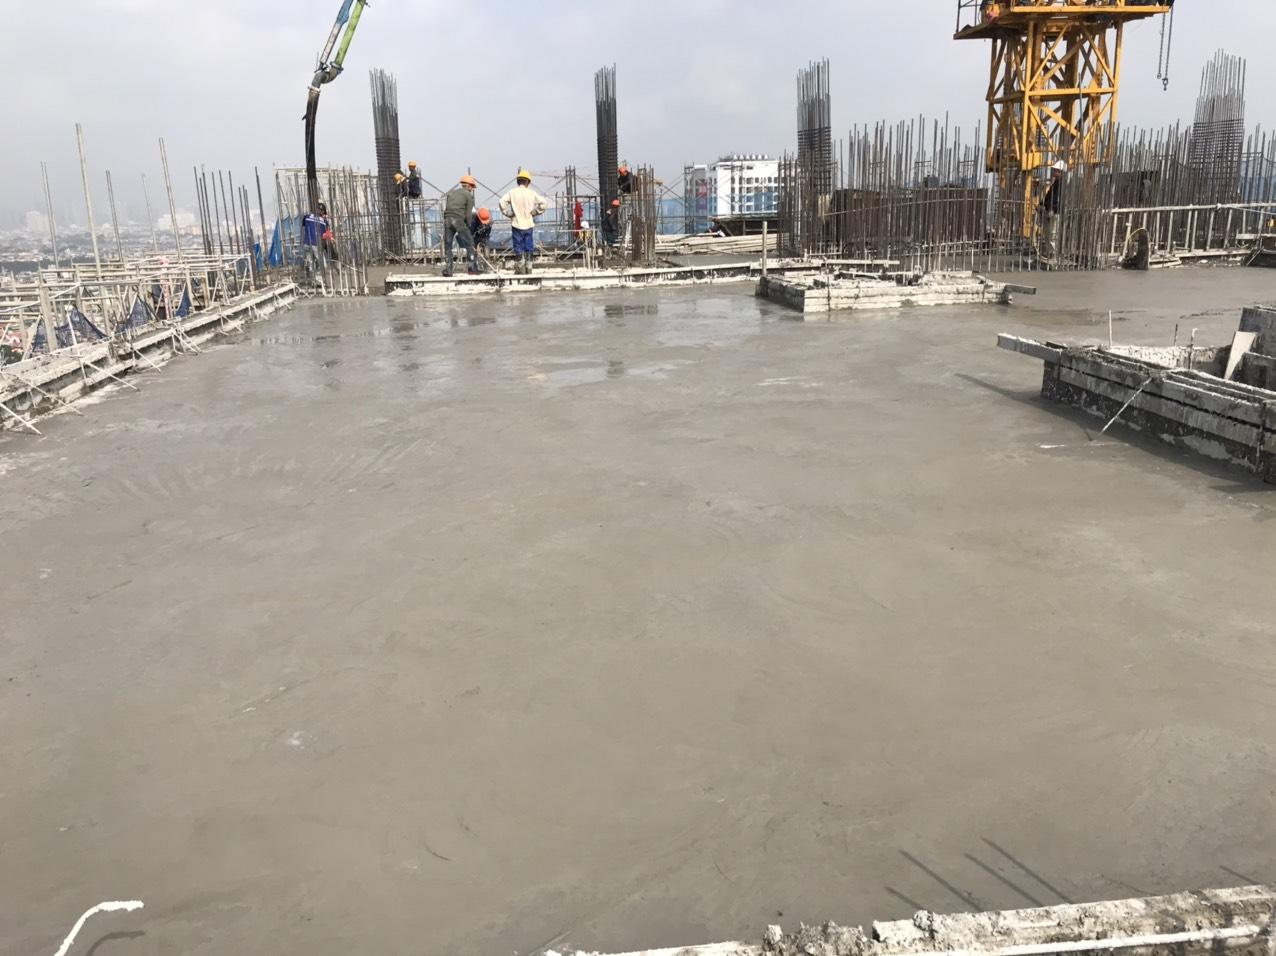 Tiến độ xây dựng dự án Athena Complex Pháp Vân ngày 30/11/2020